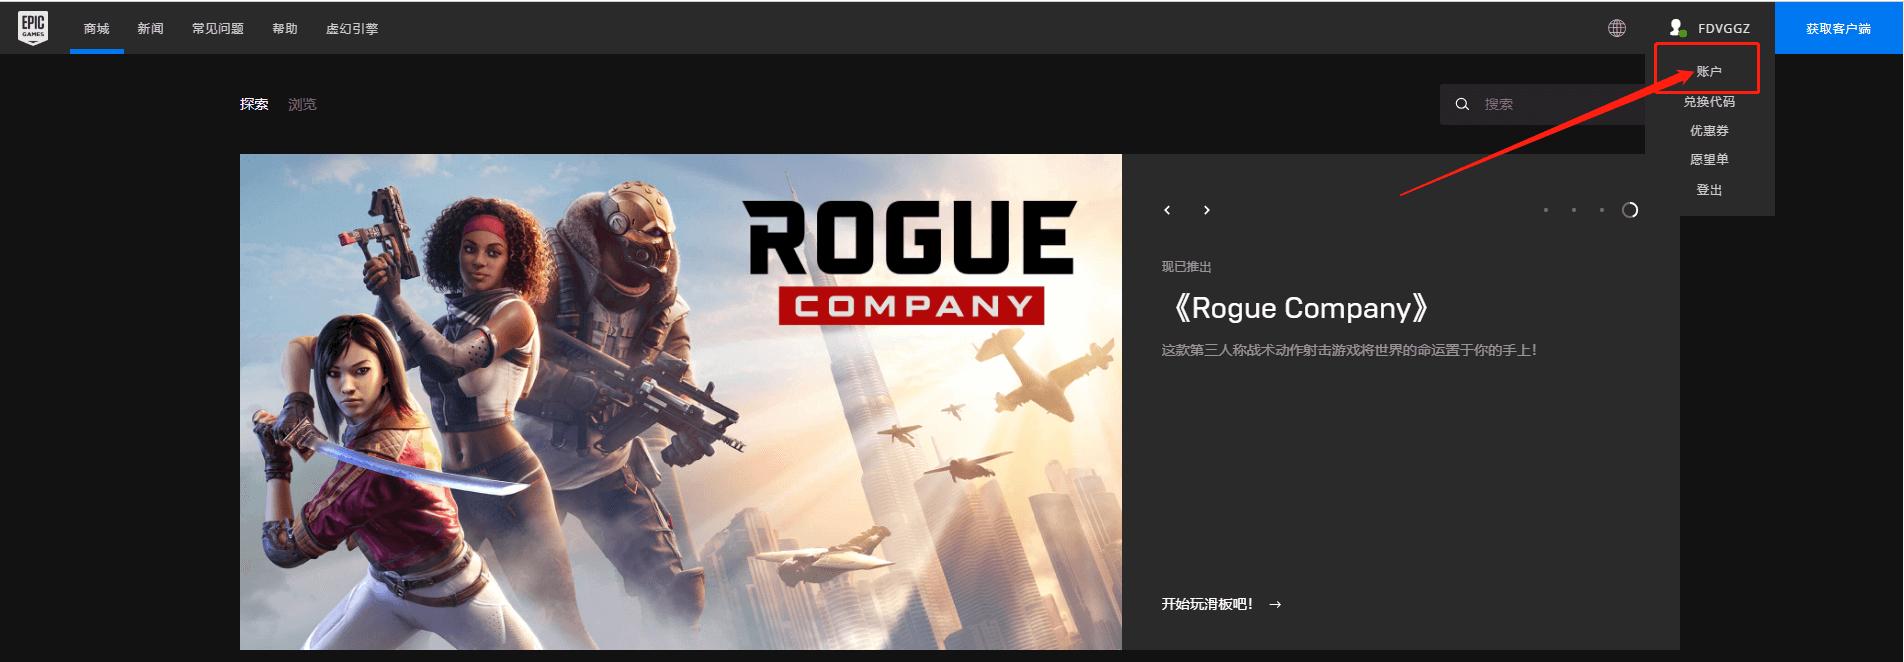 Epic游戏平台修改邮箱的教程 教程 第1张